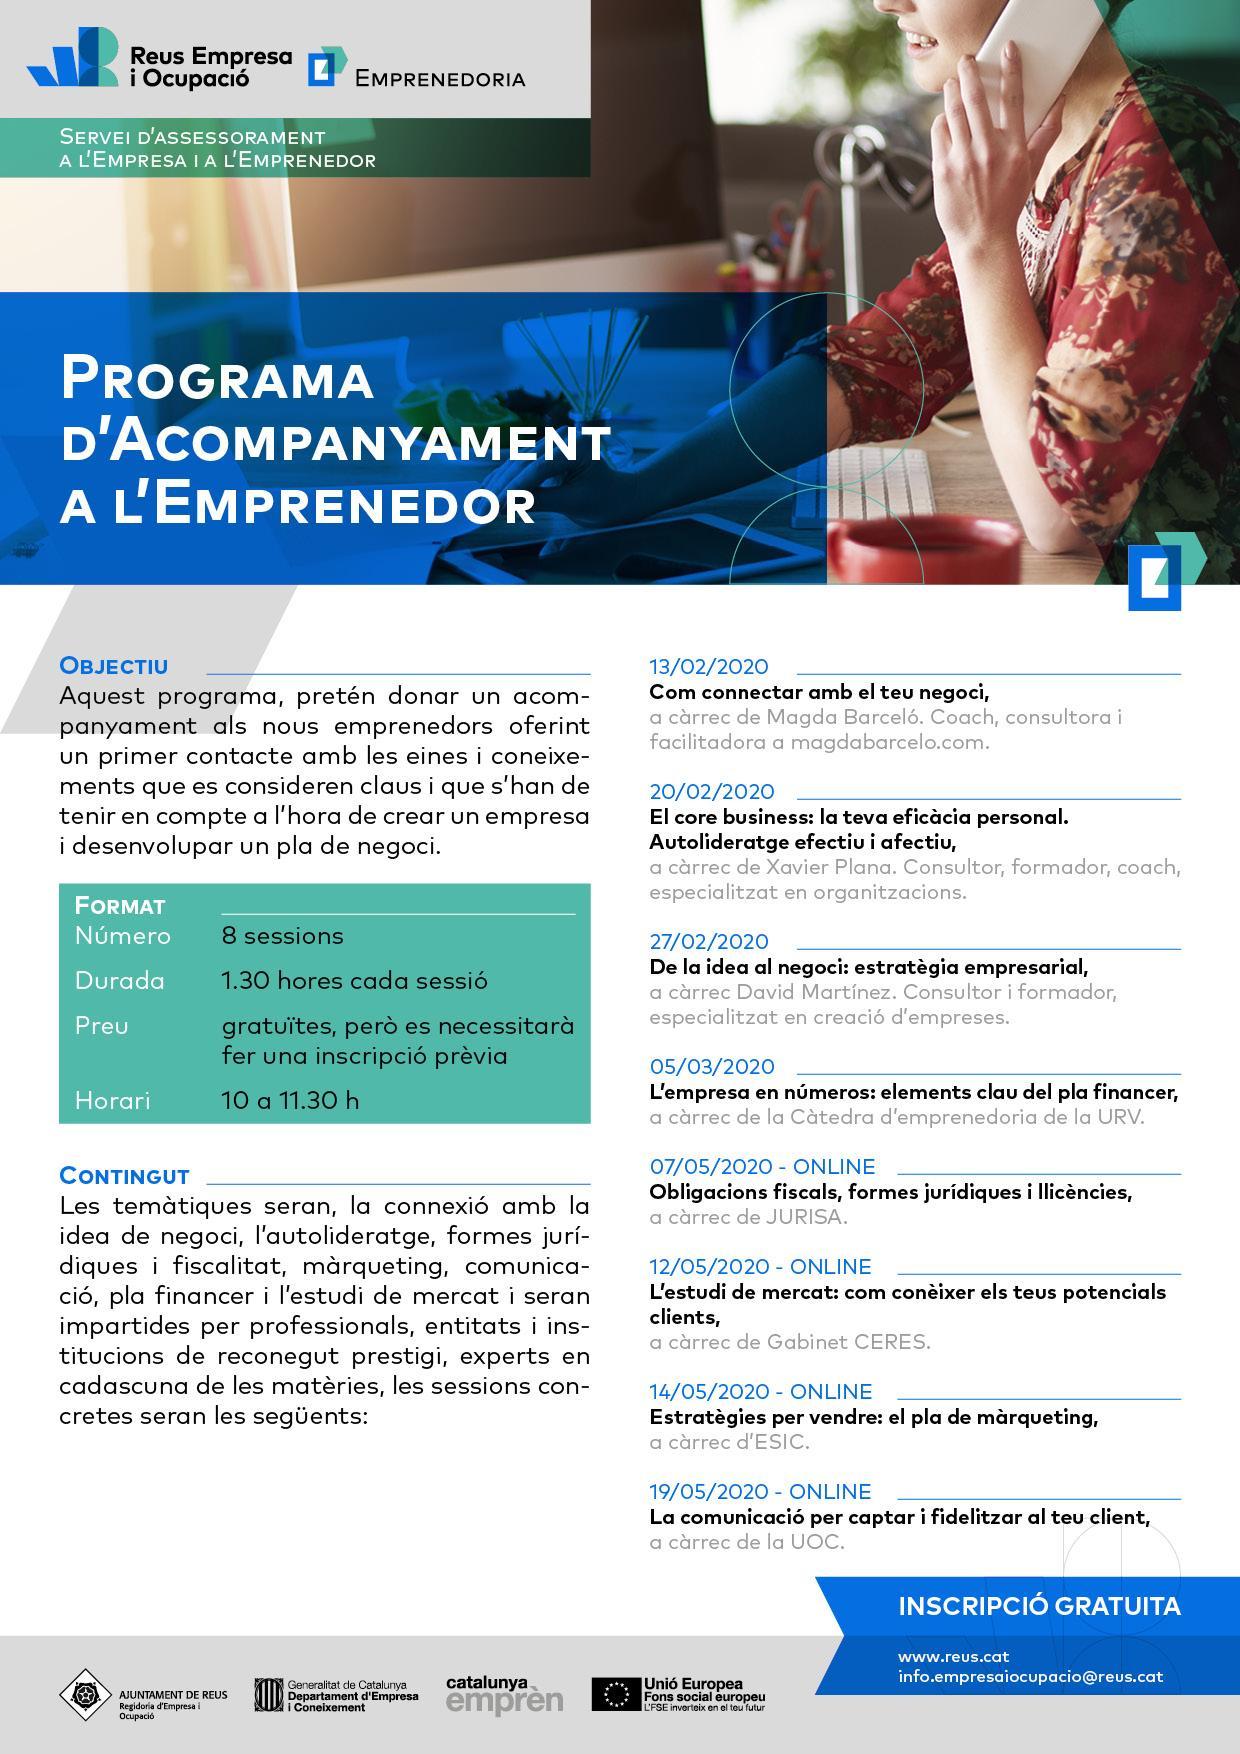 Programa d'acompanyament a l'emprenedor - continuació online